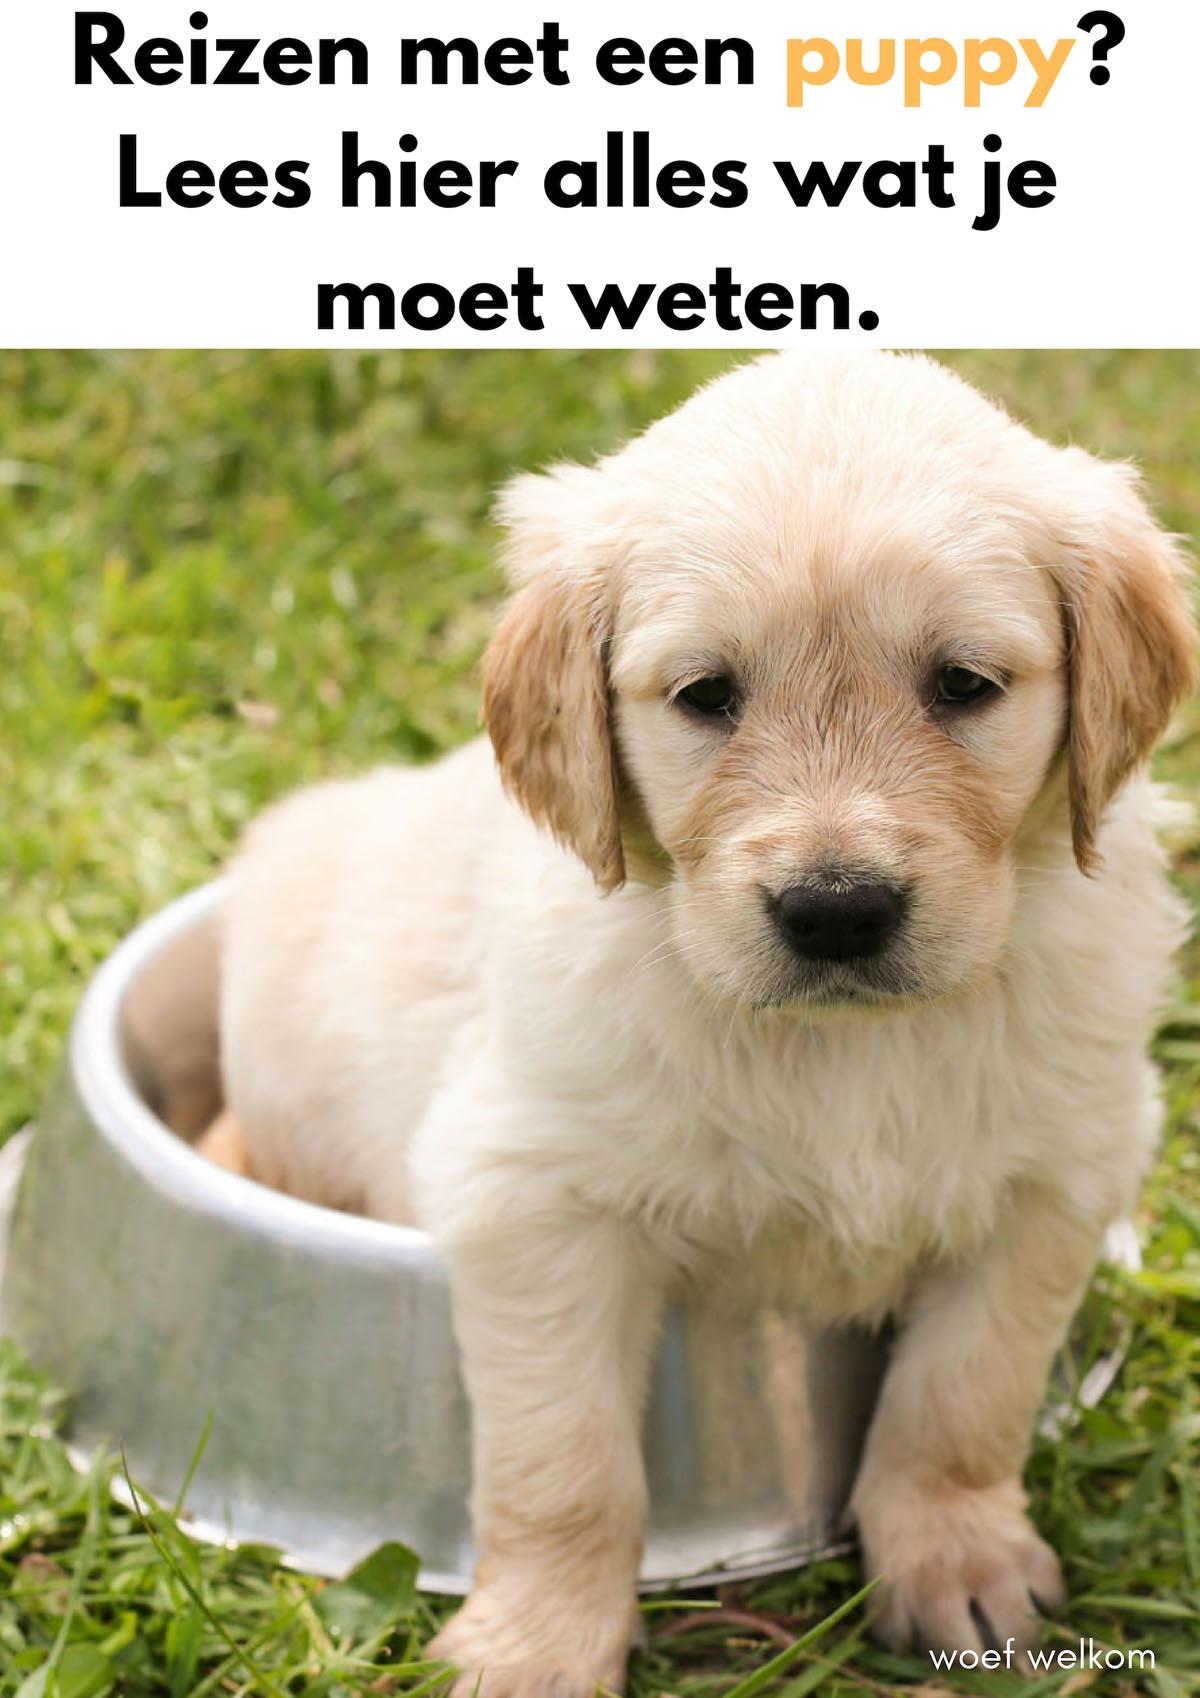 Reizen met een puppy [handige tips]